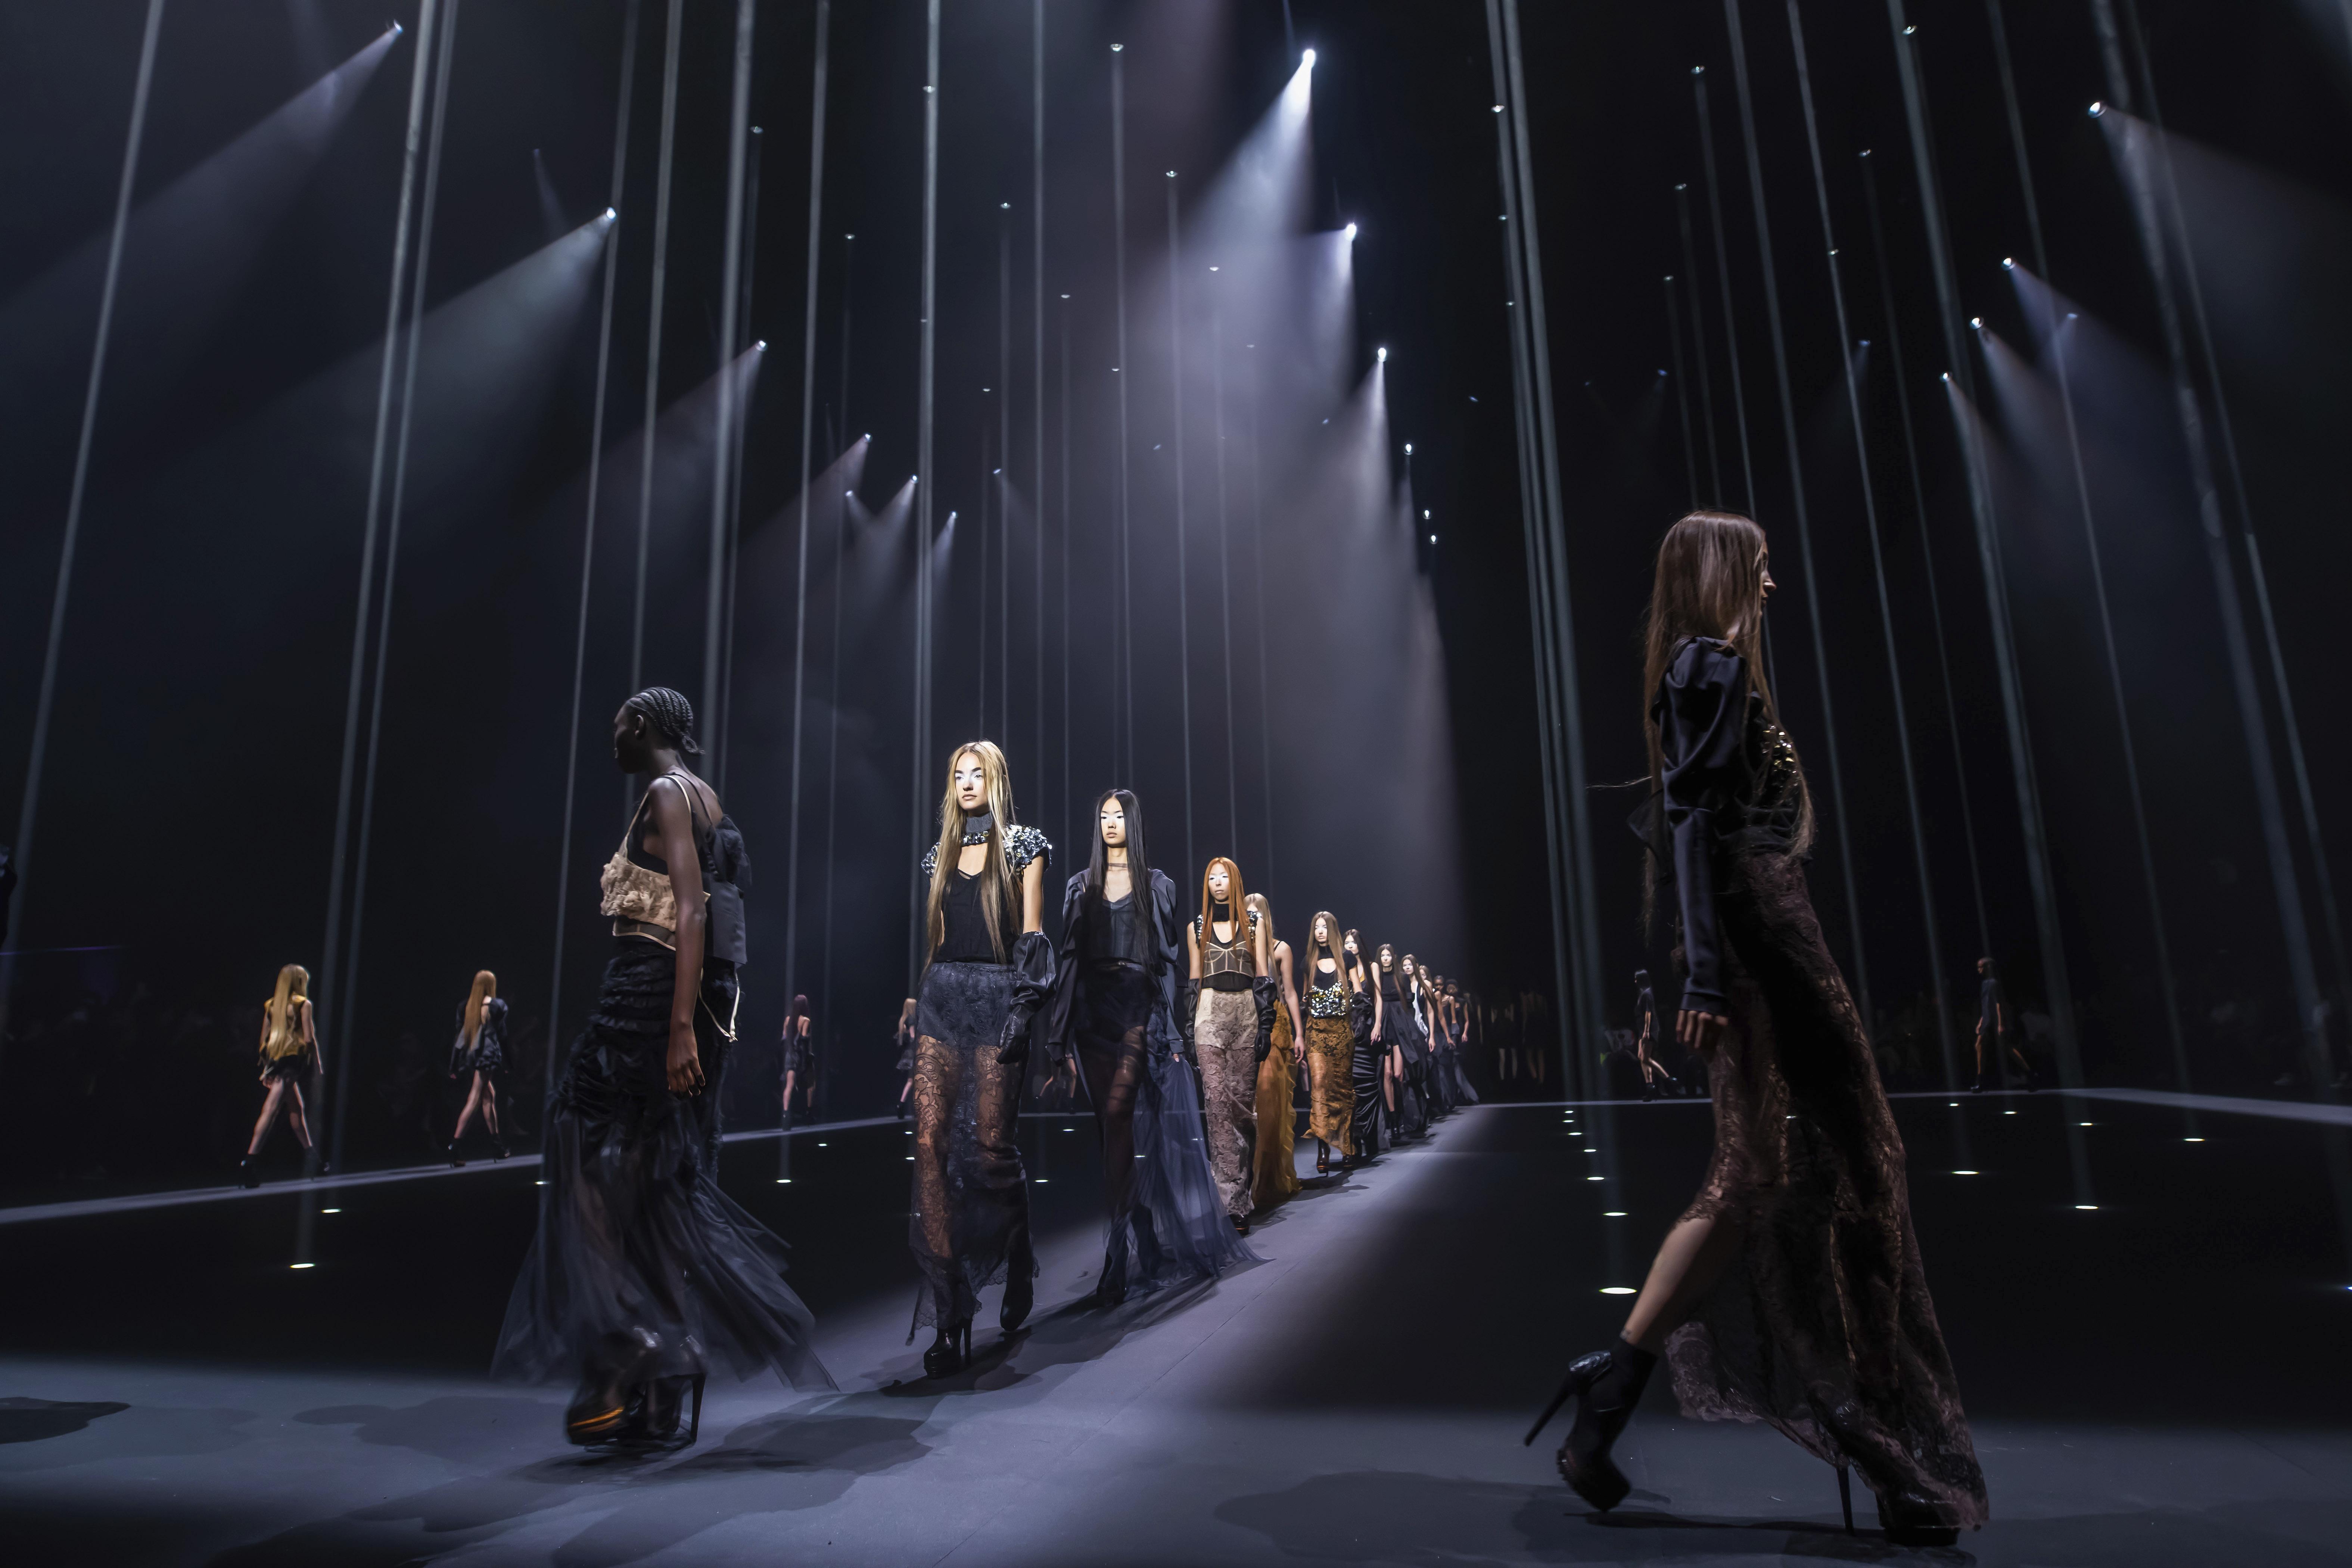 El desfile fue uno de los más esperados del quinto día de la Semana de la Moda de Nueva York. (AP)